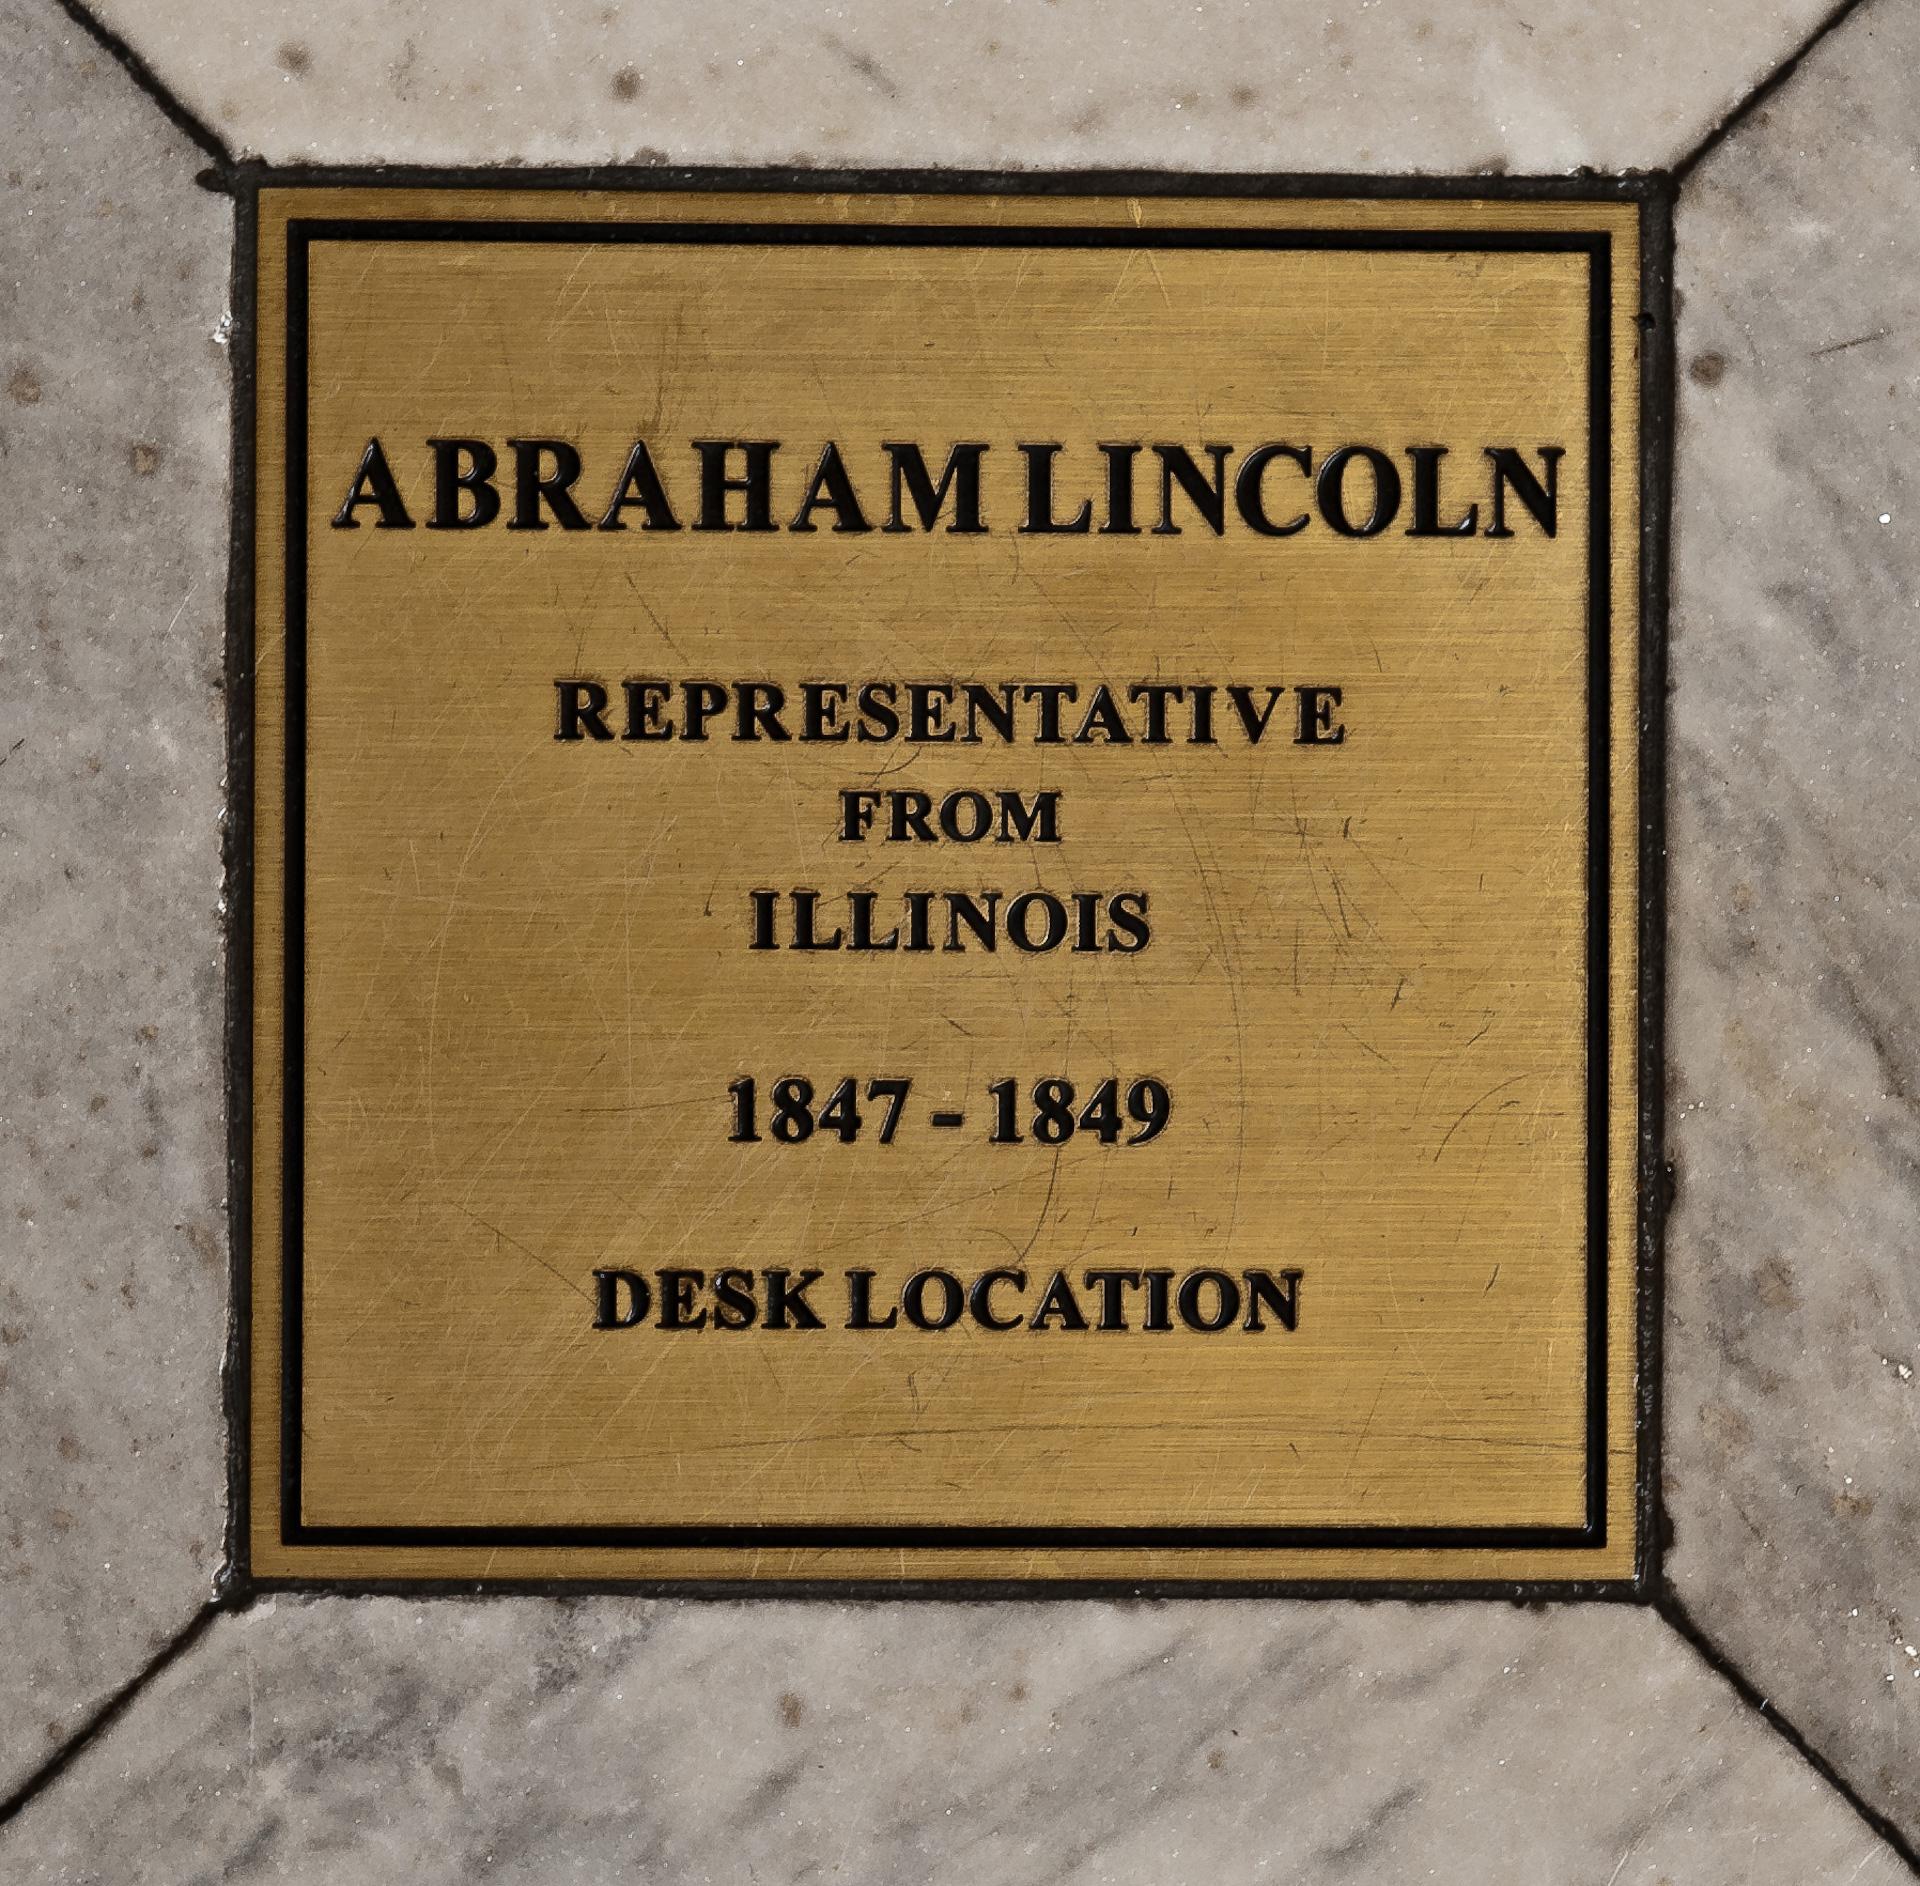 Floor bronze marker of Abraham Lincoln's desk.